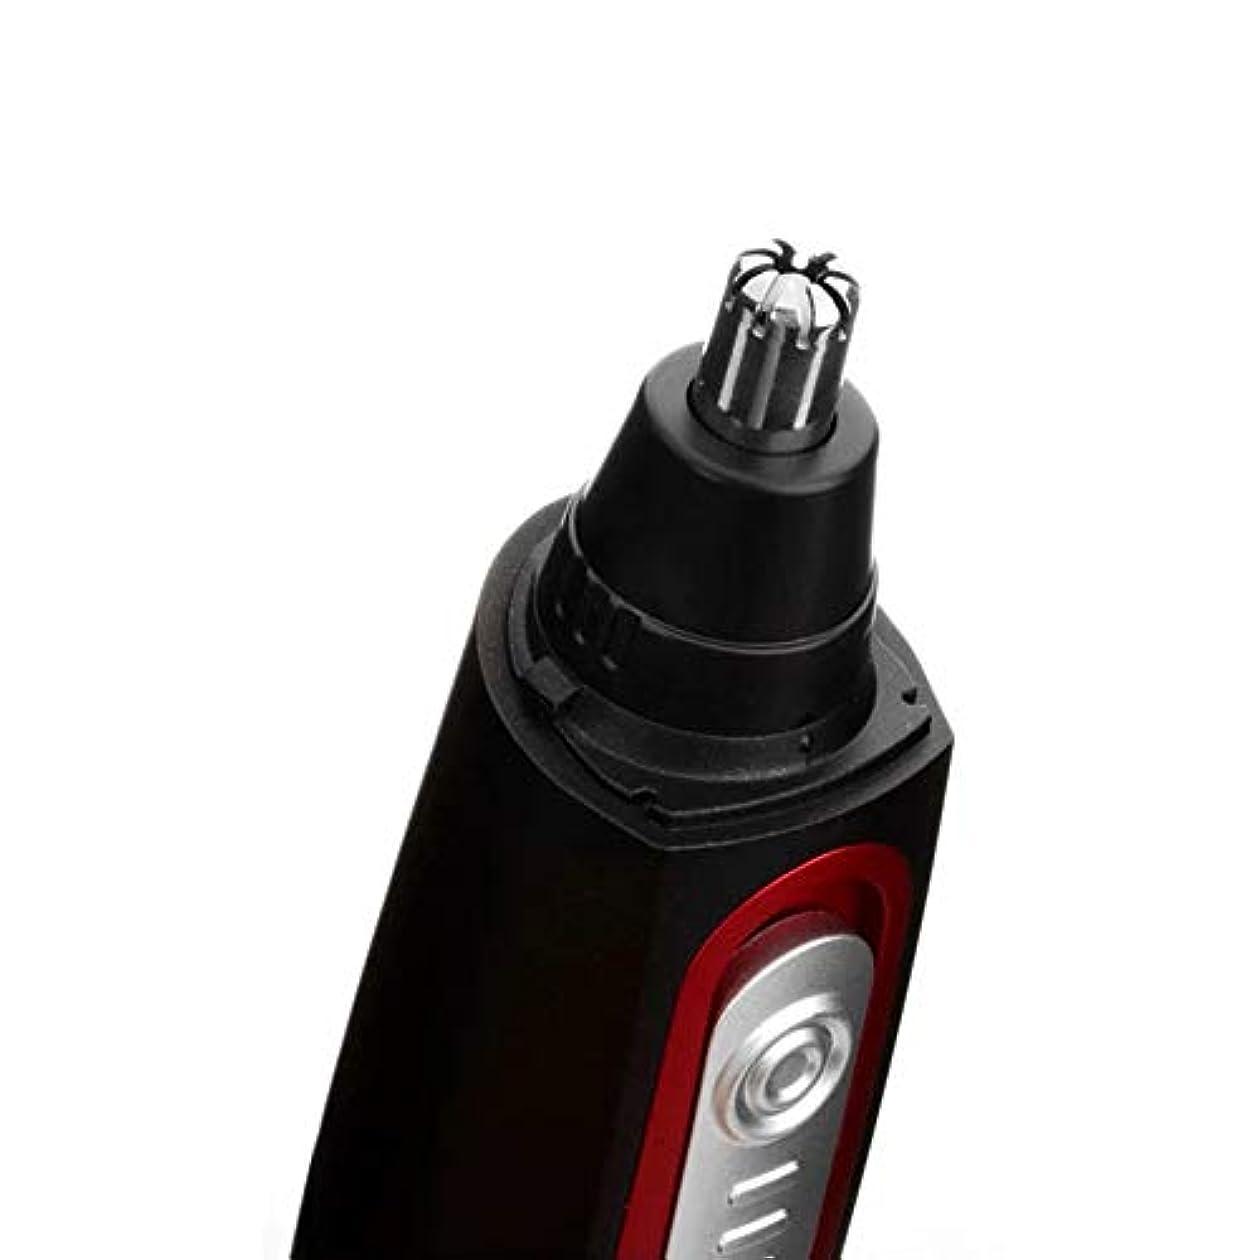 競う貧困着服ノーズヘアトリマー/メンズシェービングノーズヘアスクレーピングノーズヘアハサミ/ 360°効果的なキャプチャー/三次元ロータリーカッターヘッドデザイン/ 14cm ユニークで斬新